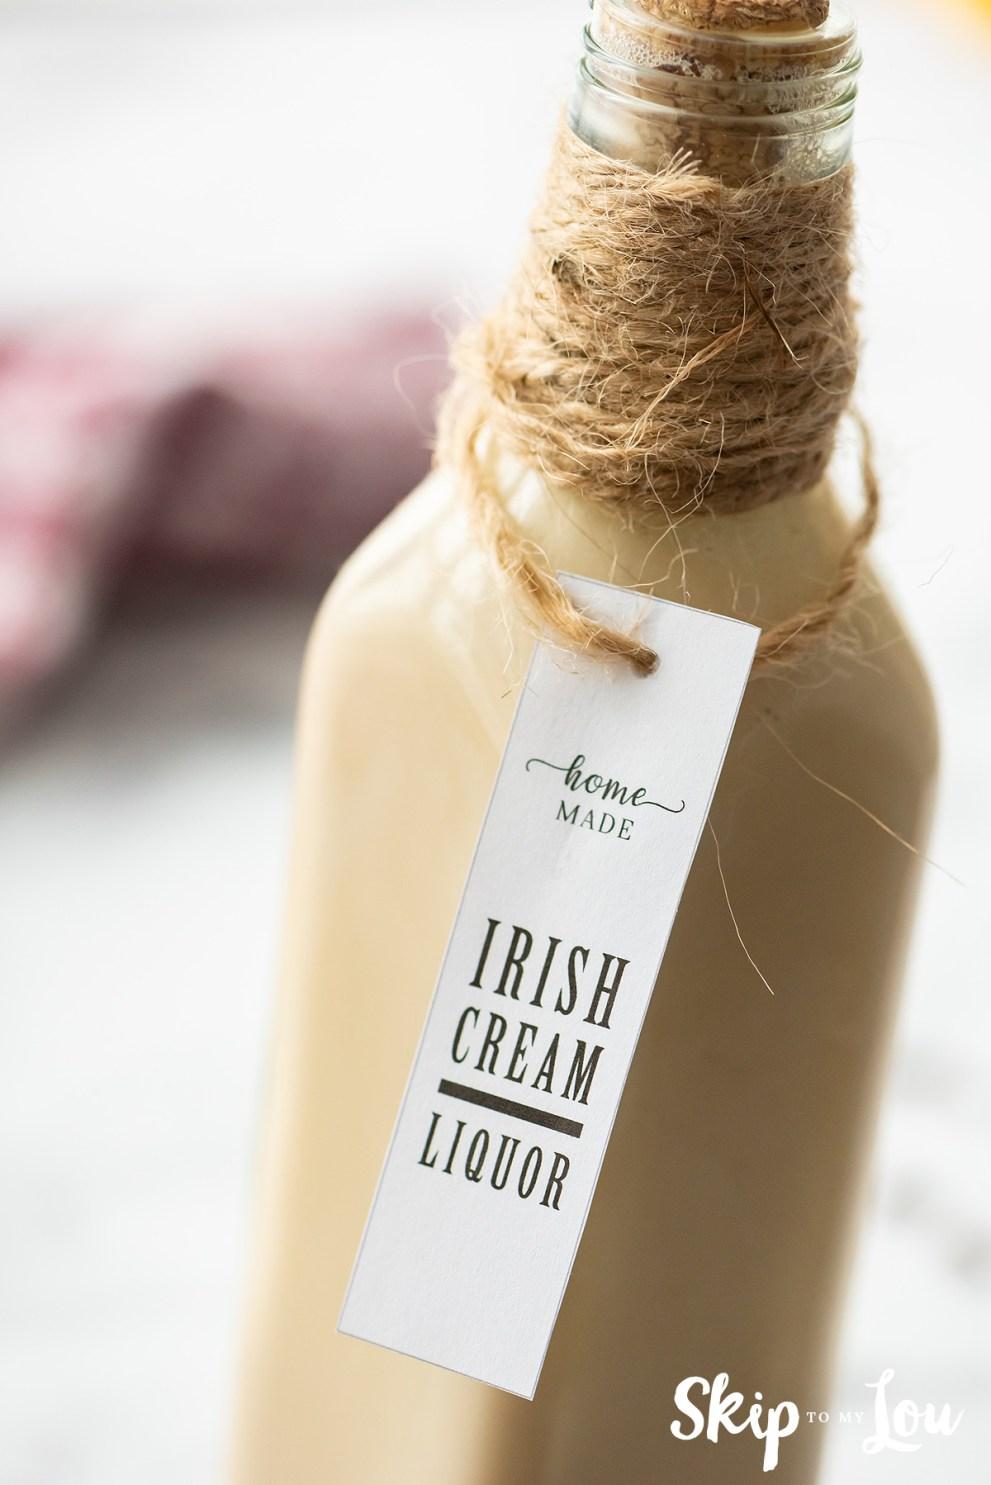 homemade Irish cream in bottle